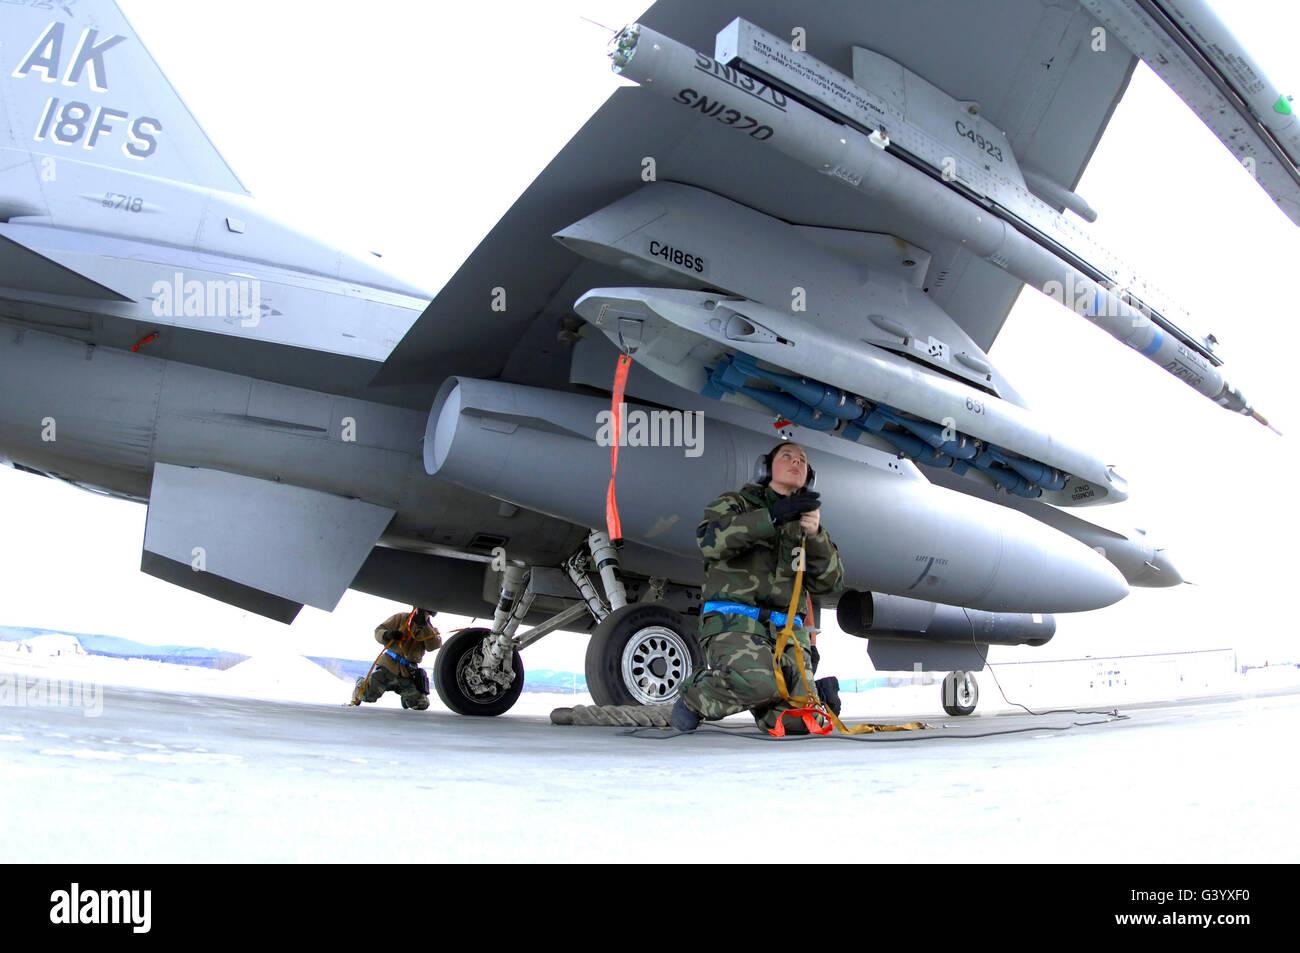 Les aviateurs de l'US Air Force une préparation F-16C Fighting Falcon. Banque D'Images